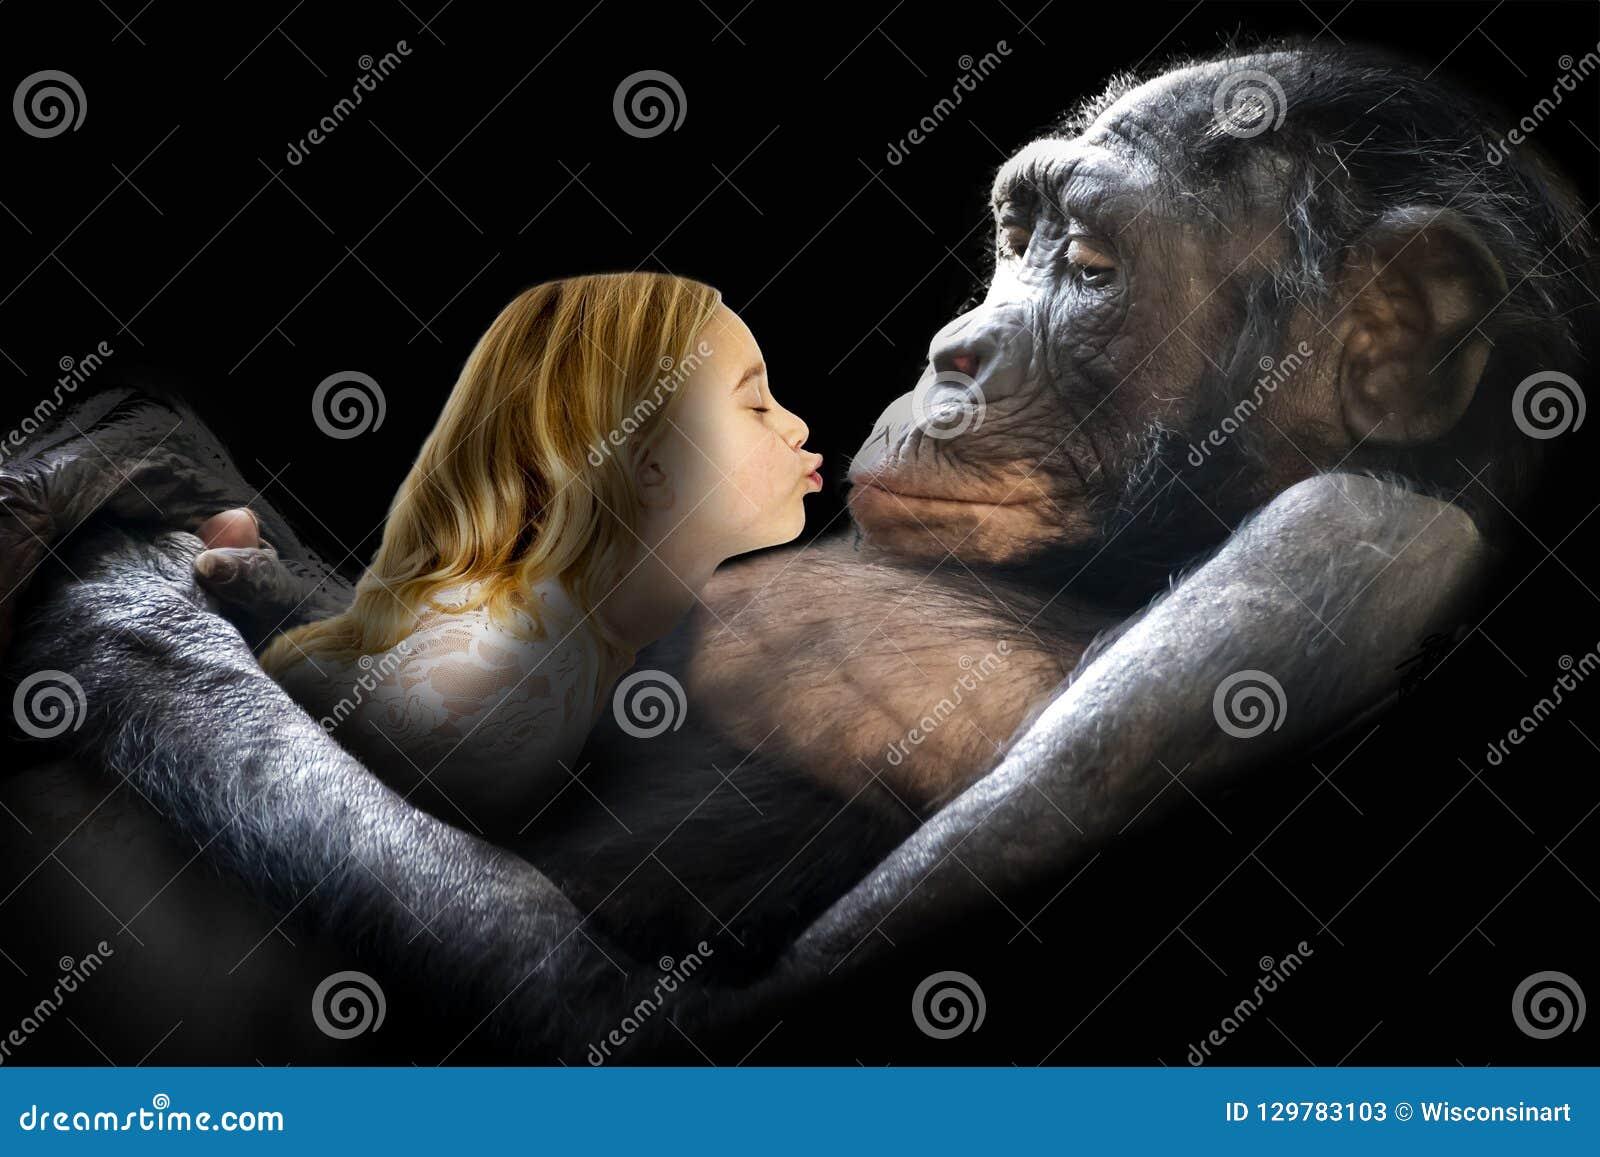 Liebe, Natur, Mädchen, Affe, Kuss